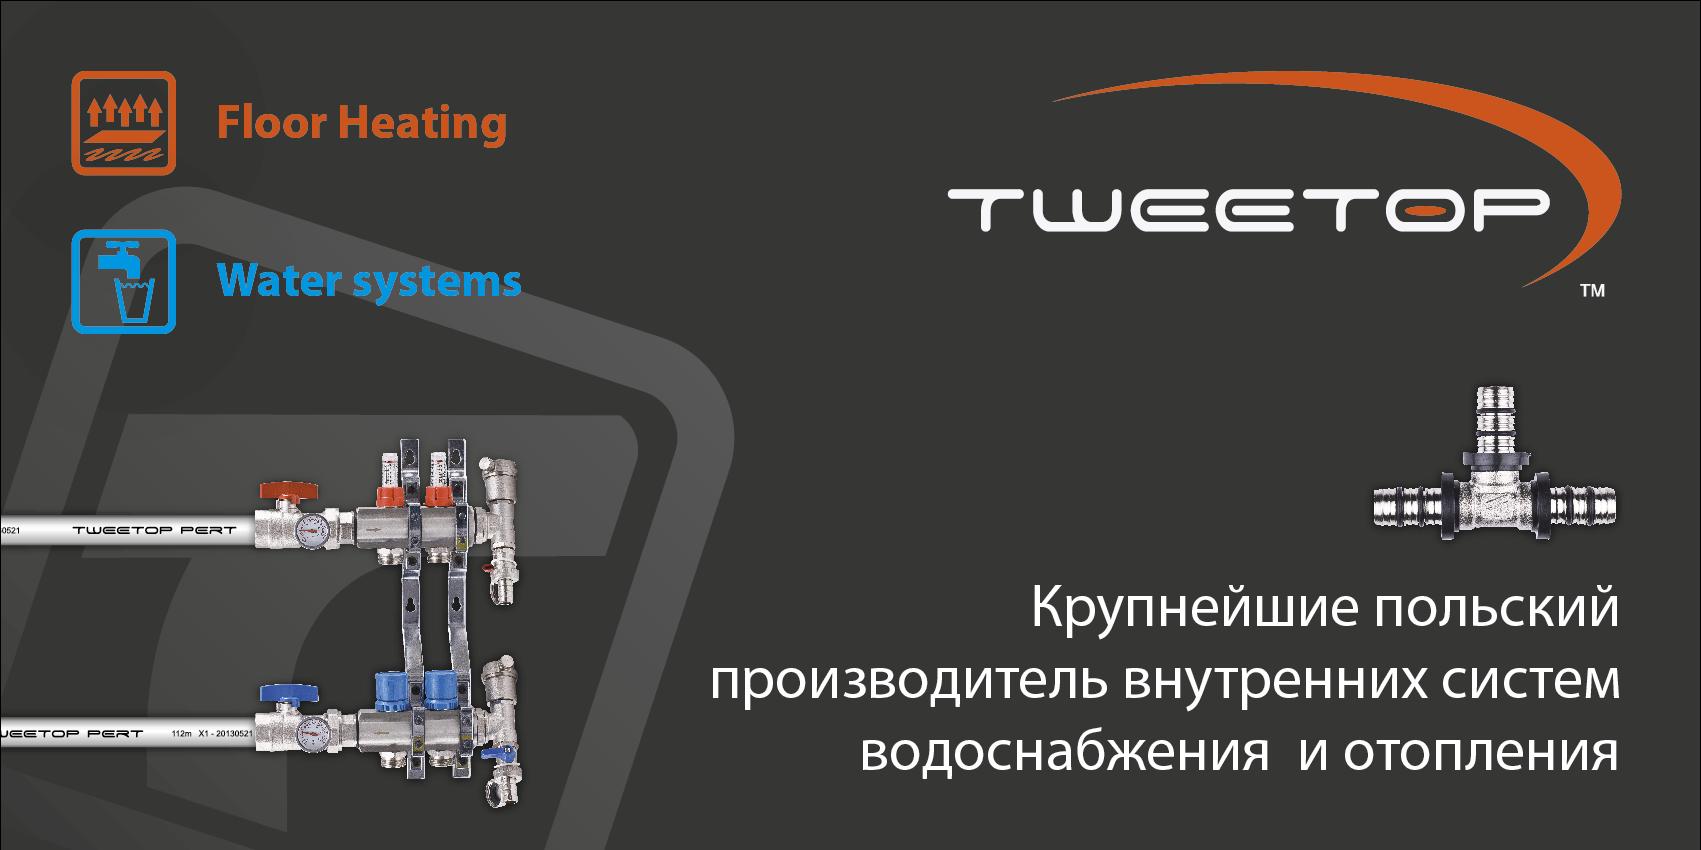 billboard2_V1_0805_13